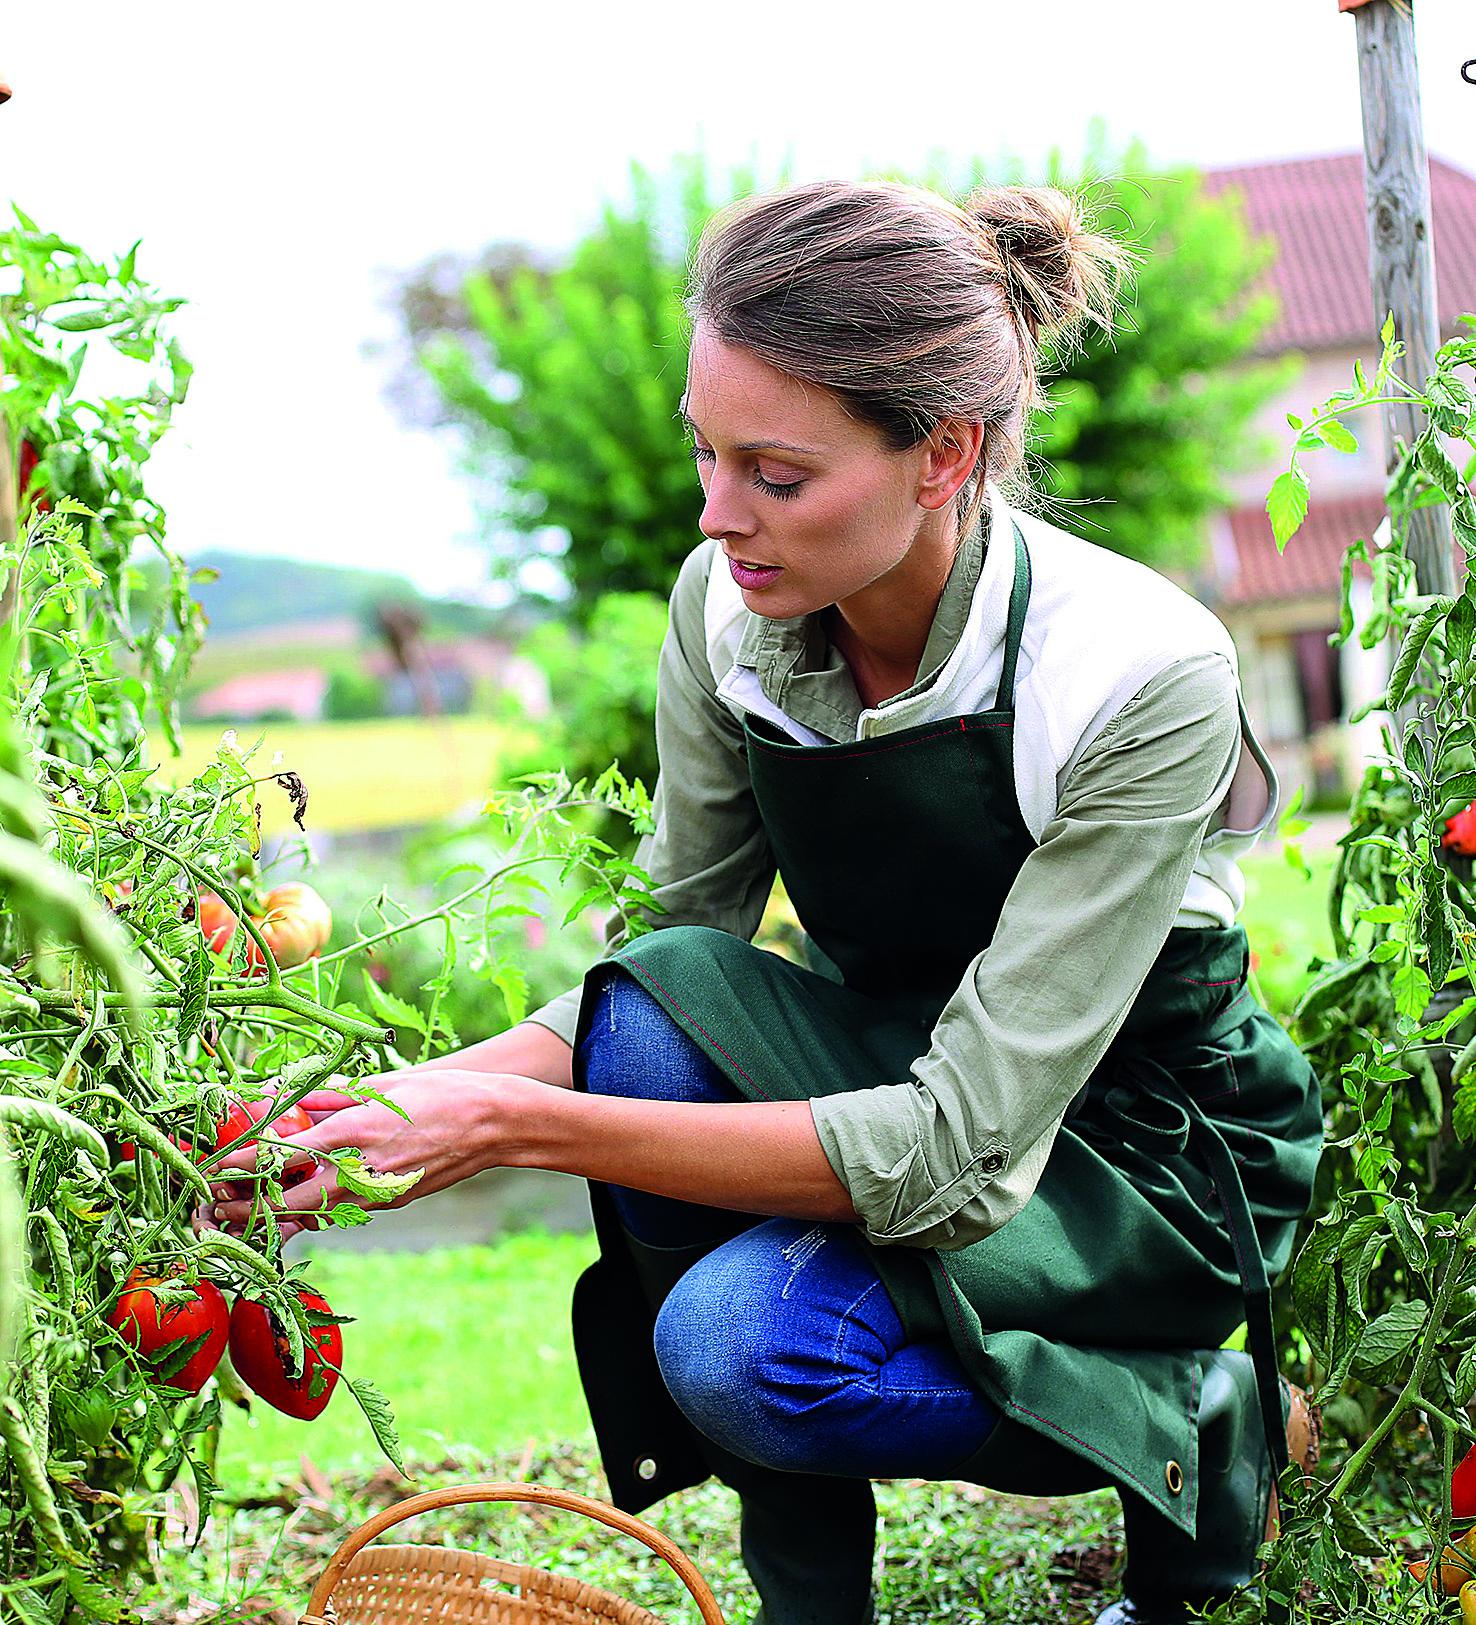 Destaques do final de semana incluem vivência de agricultura urbana. Fotos: Bigstock